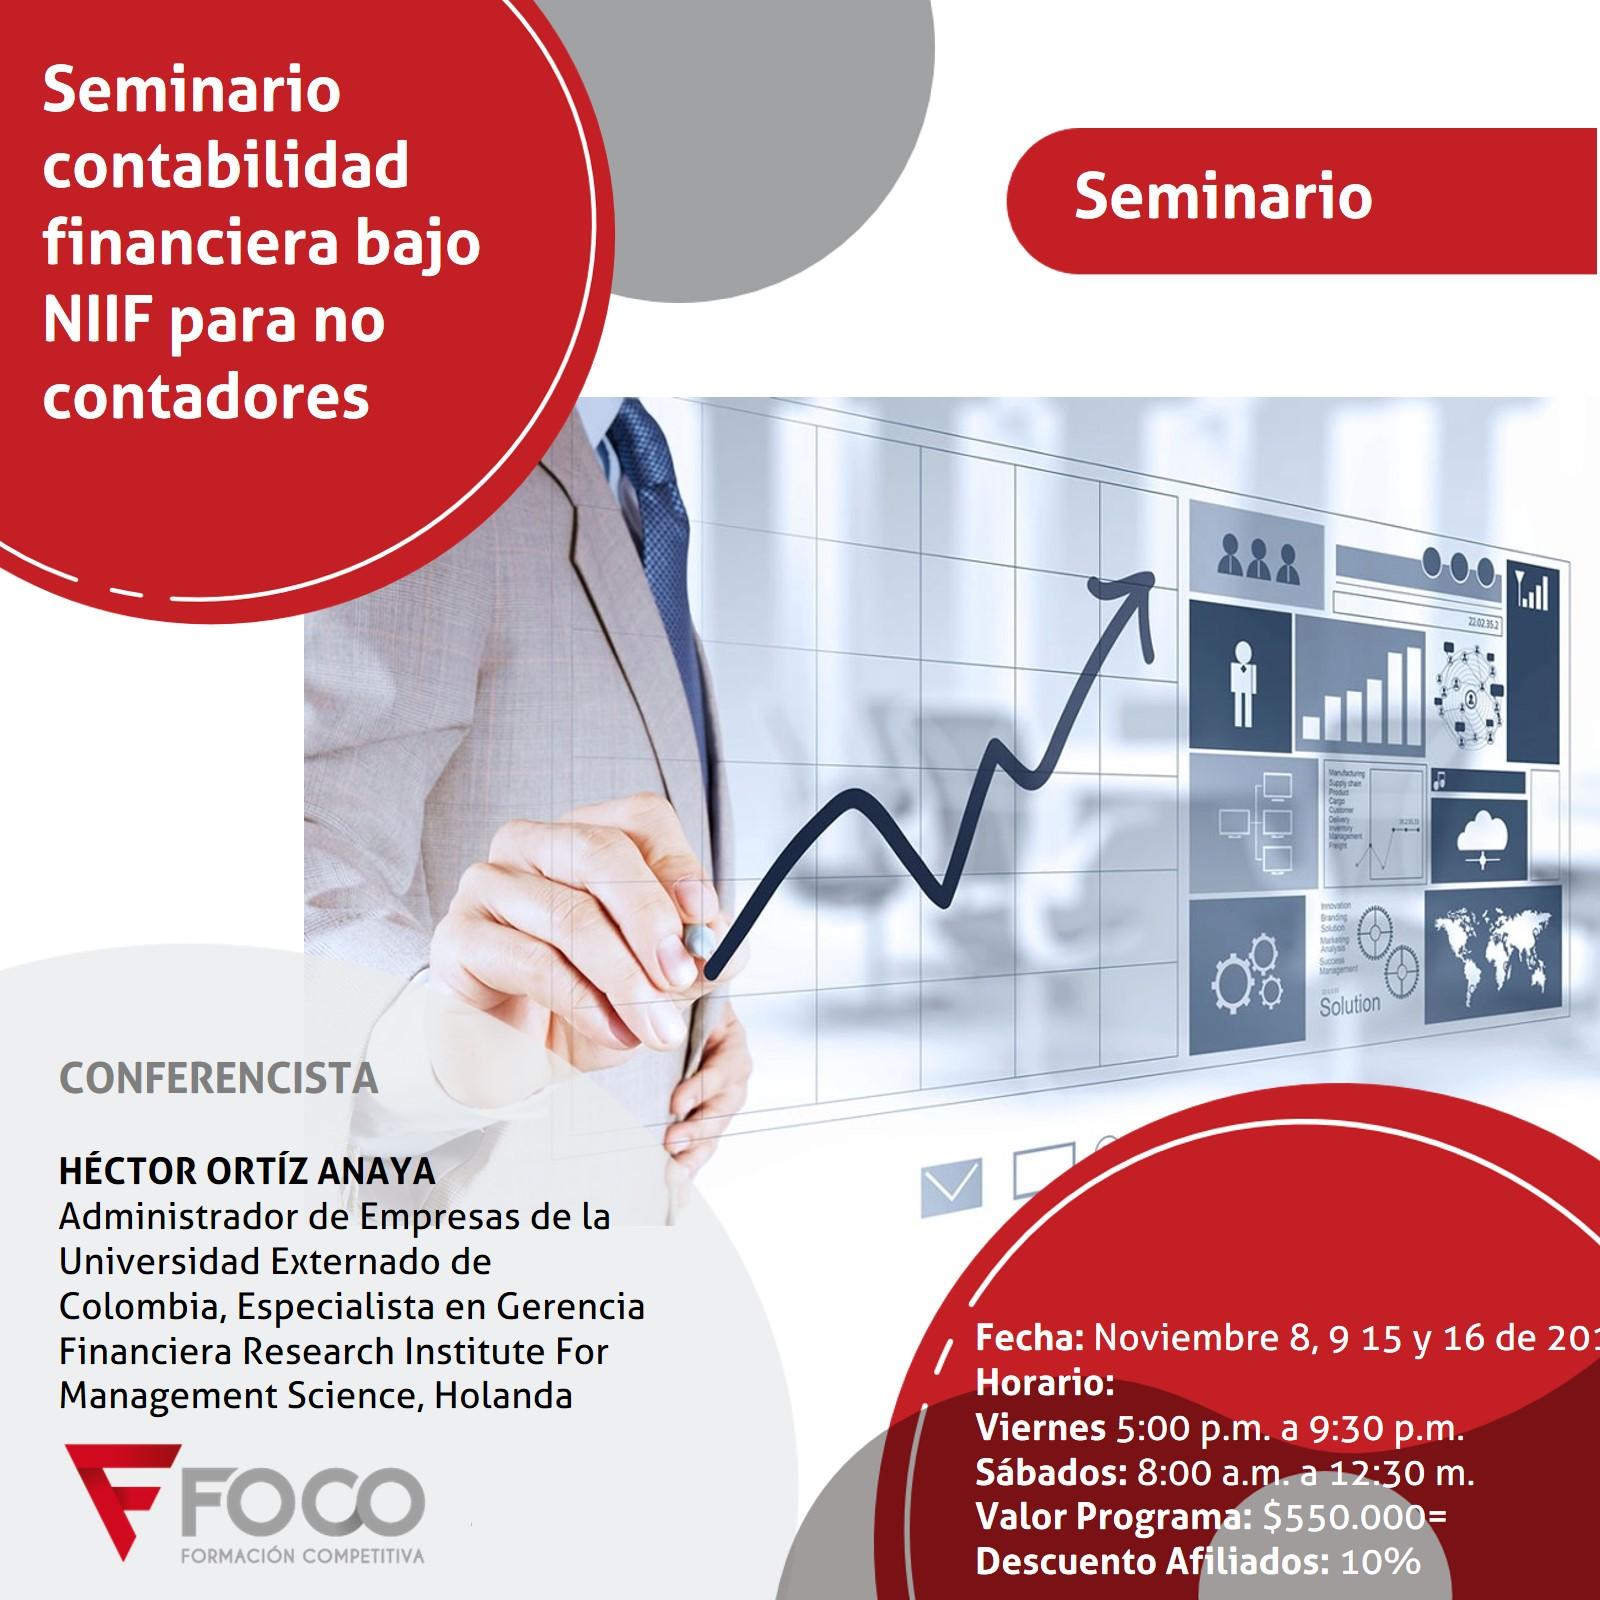 SEMINARIO CONTABILIDAD  FINANCIERA BAJO NIIF PARA NO CONTADORES